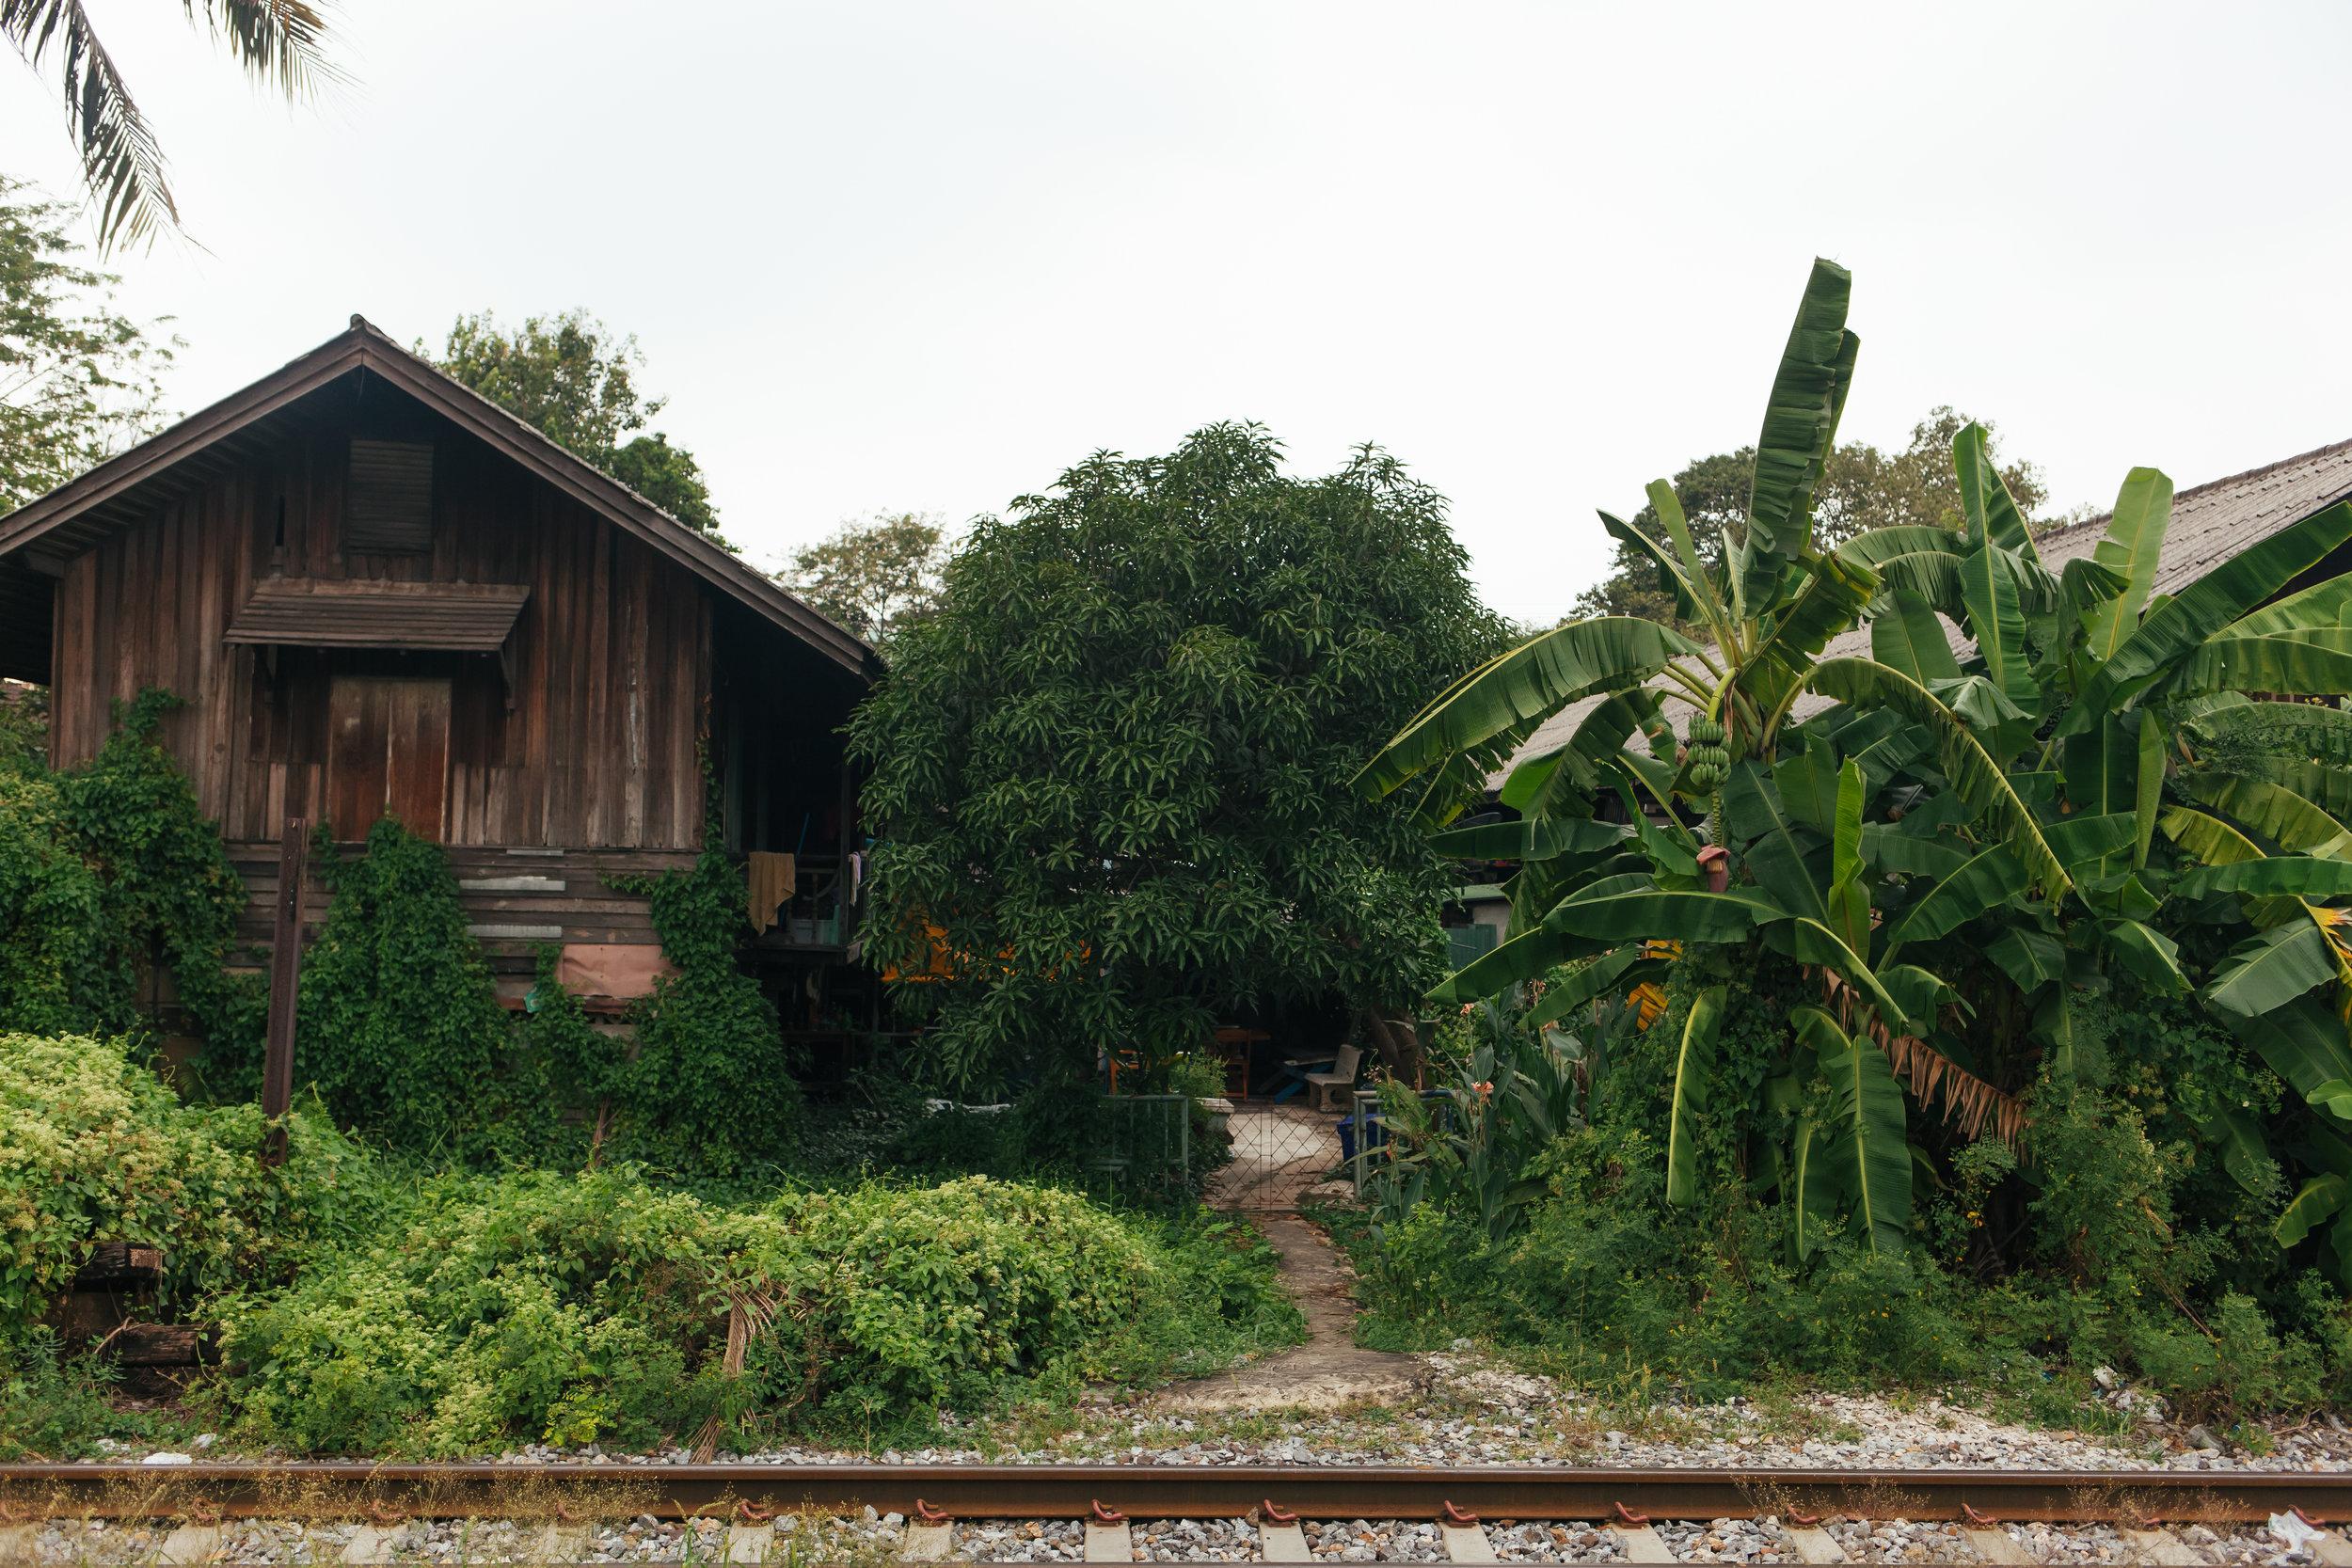 thailand_lampang_ayuthaya_train (58 of 77).jpg